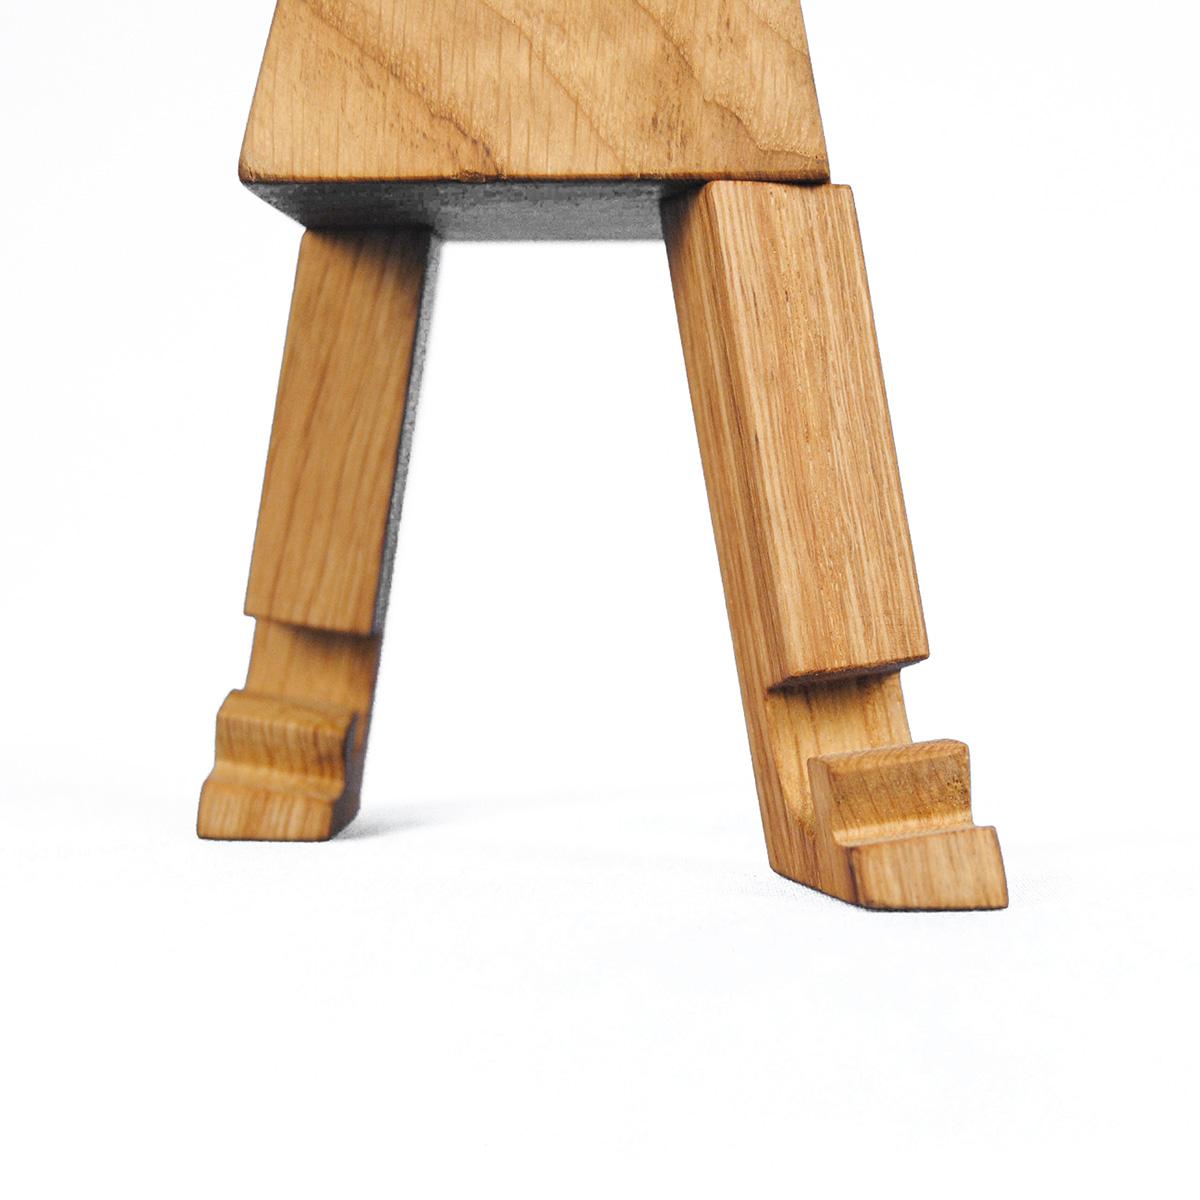 pagliaccetto-depero-futurismo-wood-toy-art-futurism